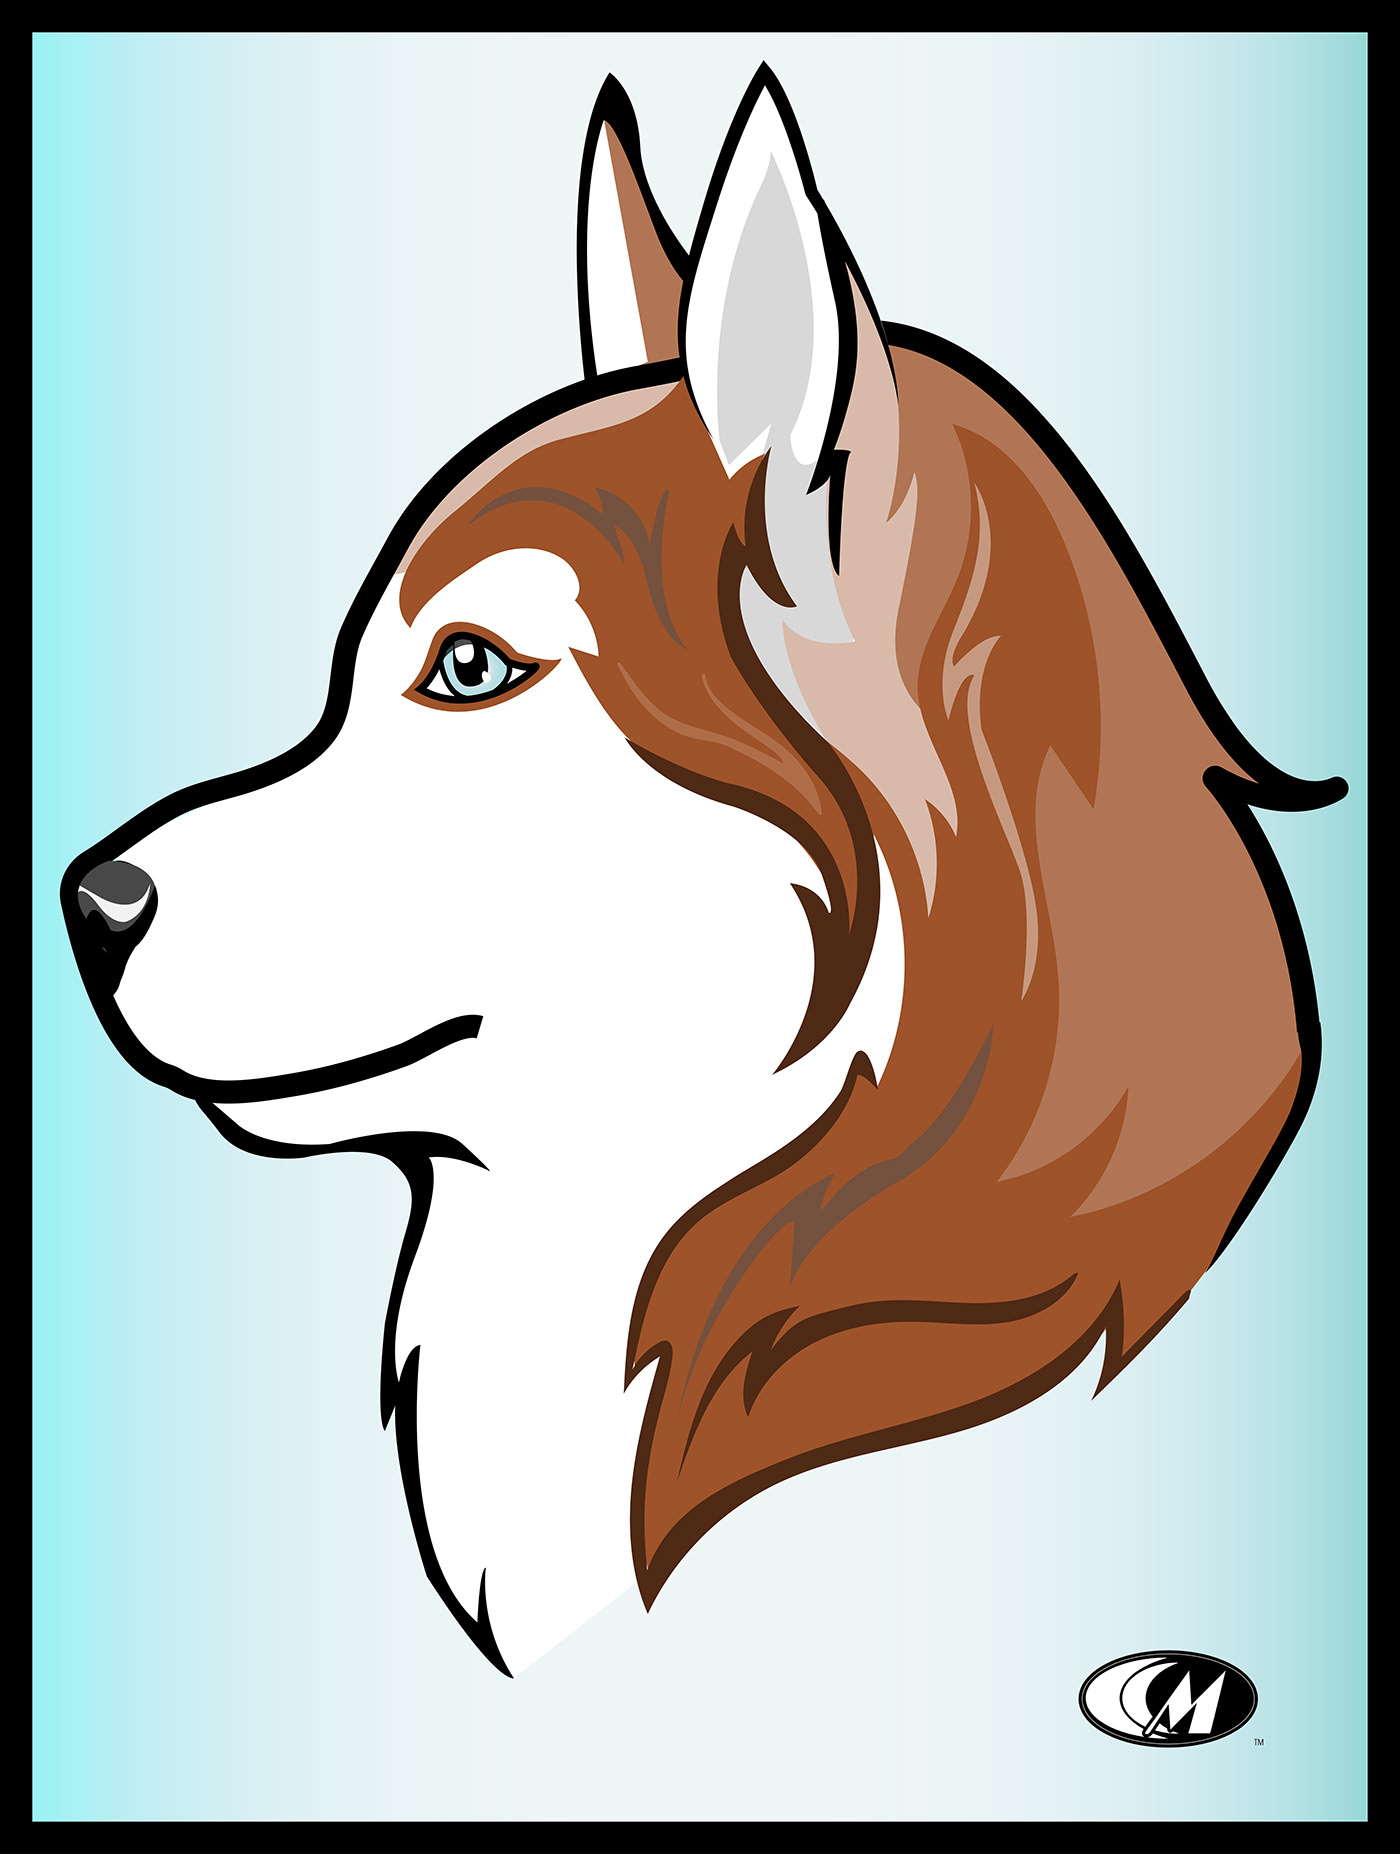 dog husky portrait black White blue green ILLUSTRATION  Custom design